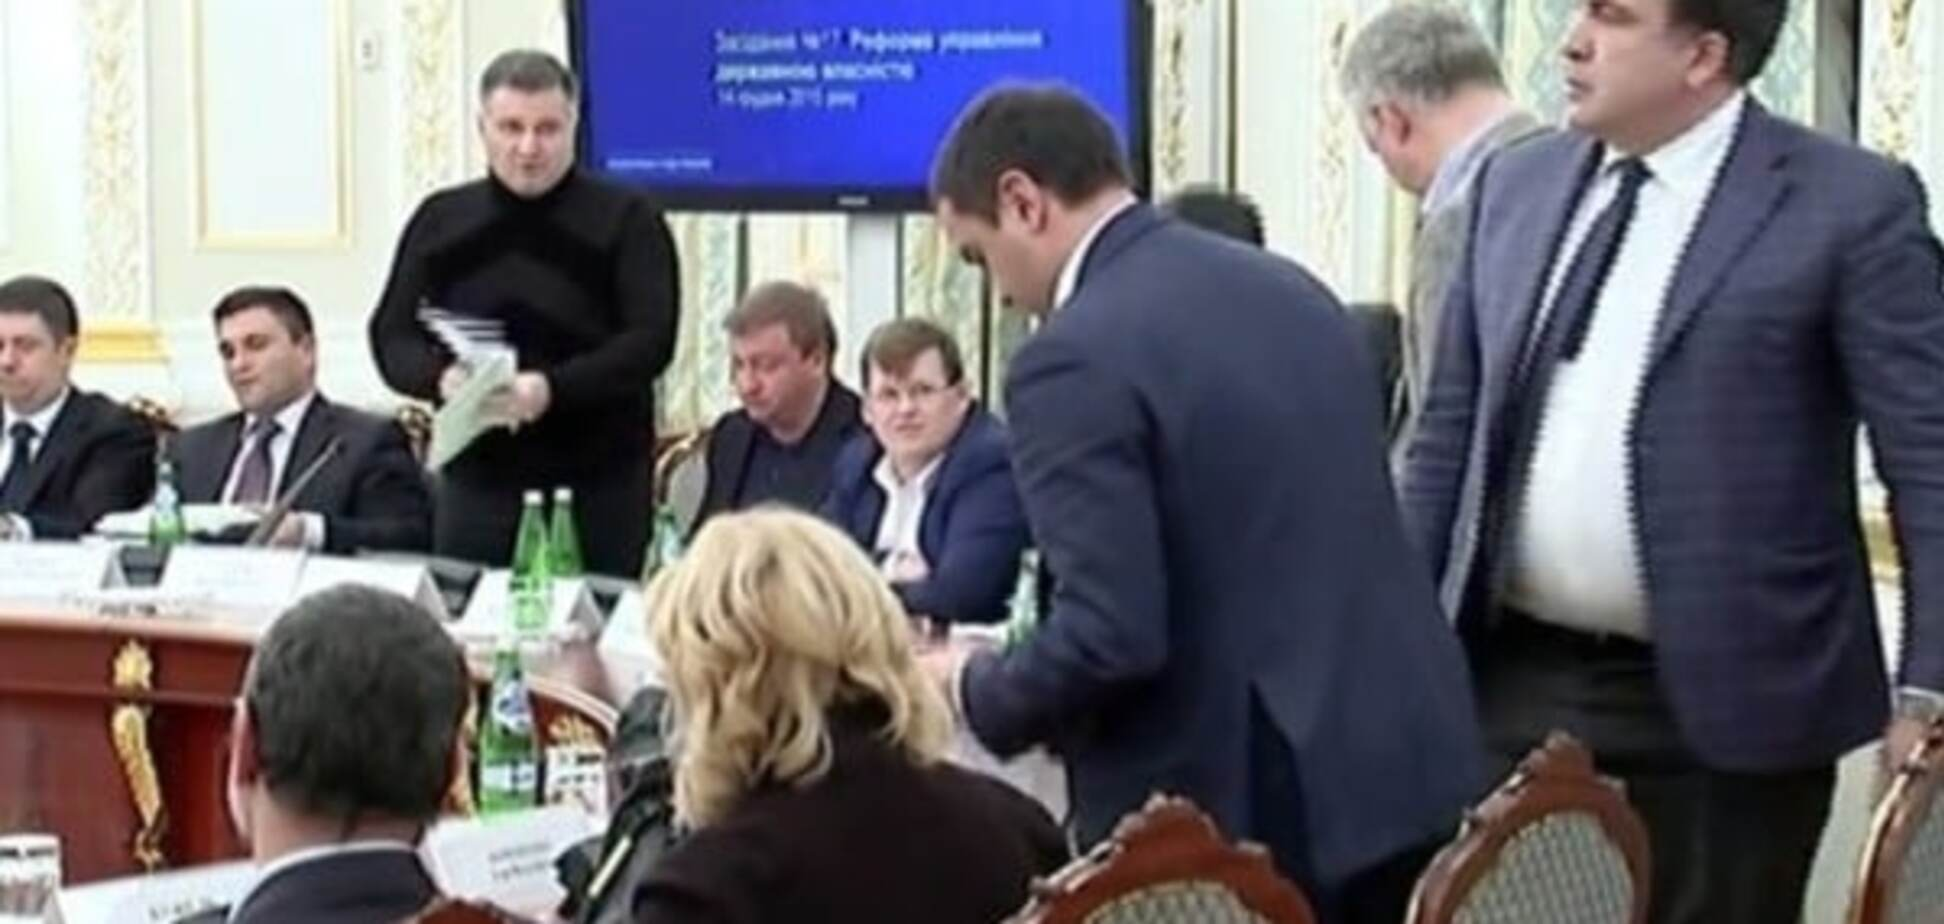 Яценюк и Аваков четко демонстрируют: революция закончилась, нечего менять - Боровой